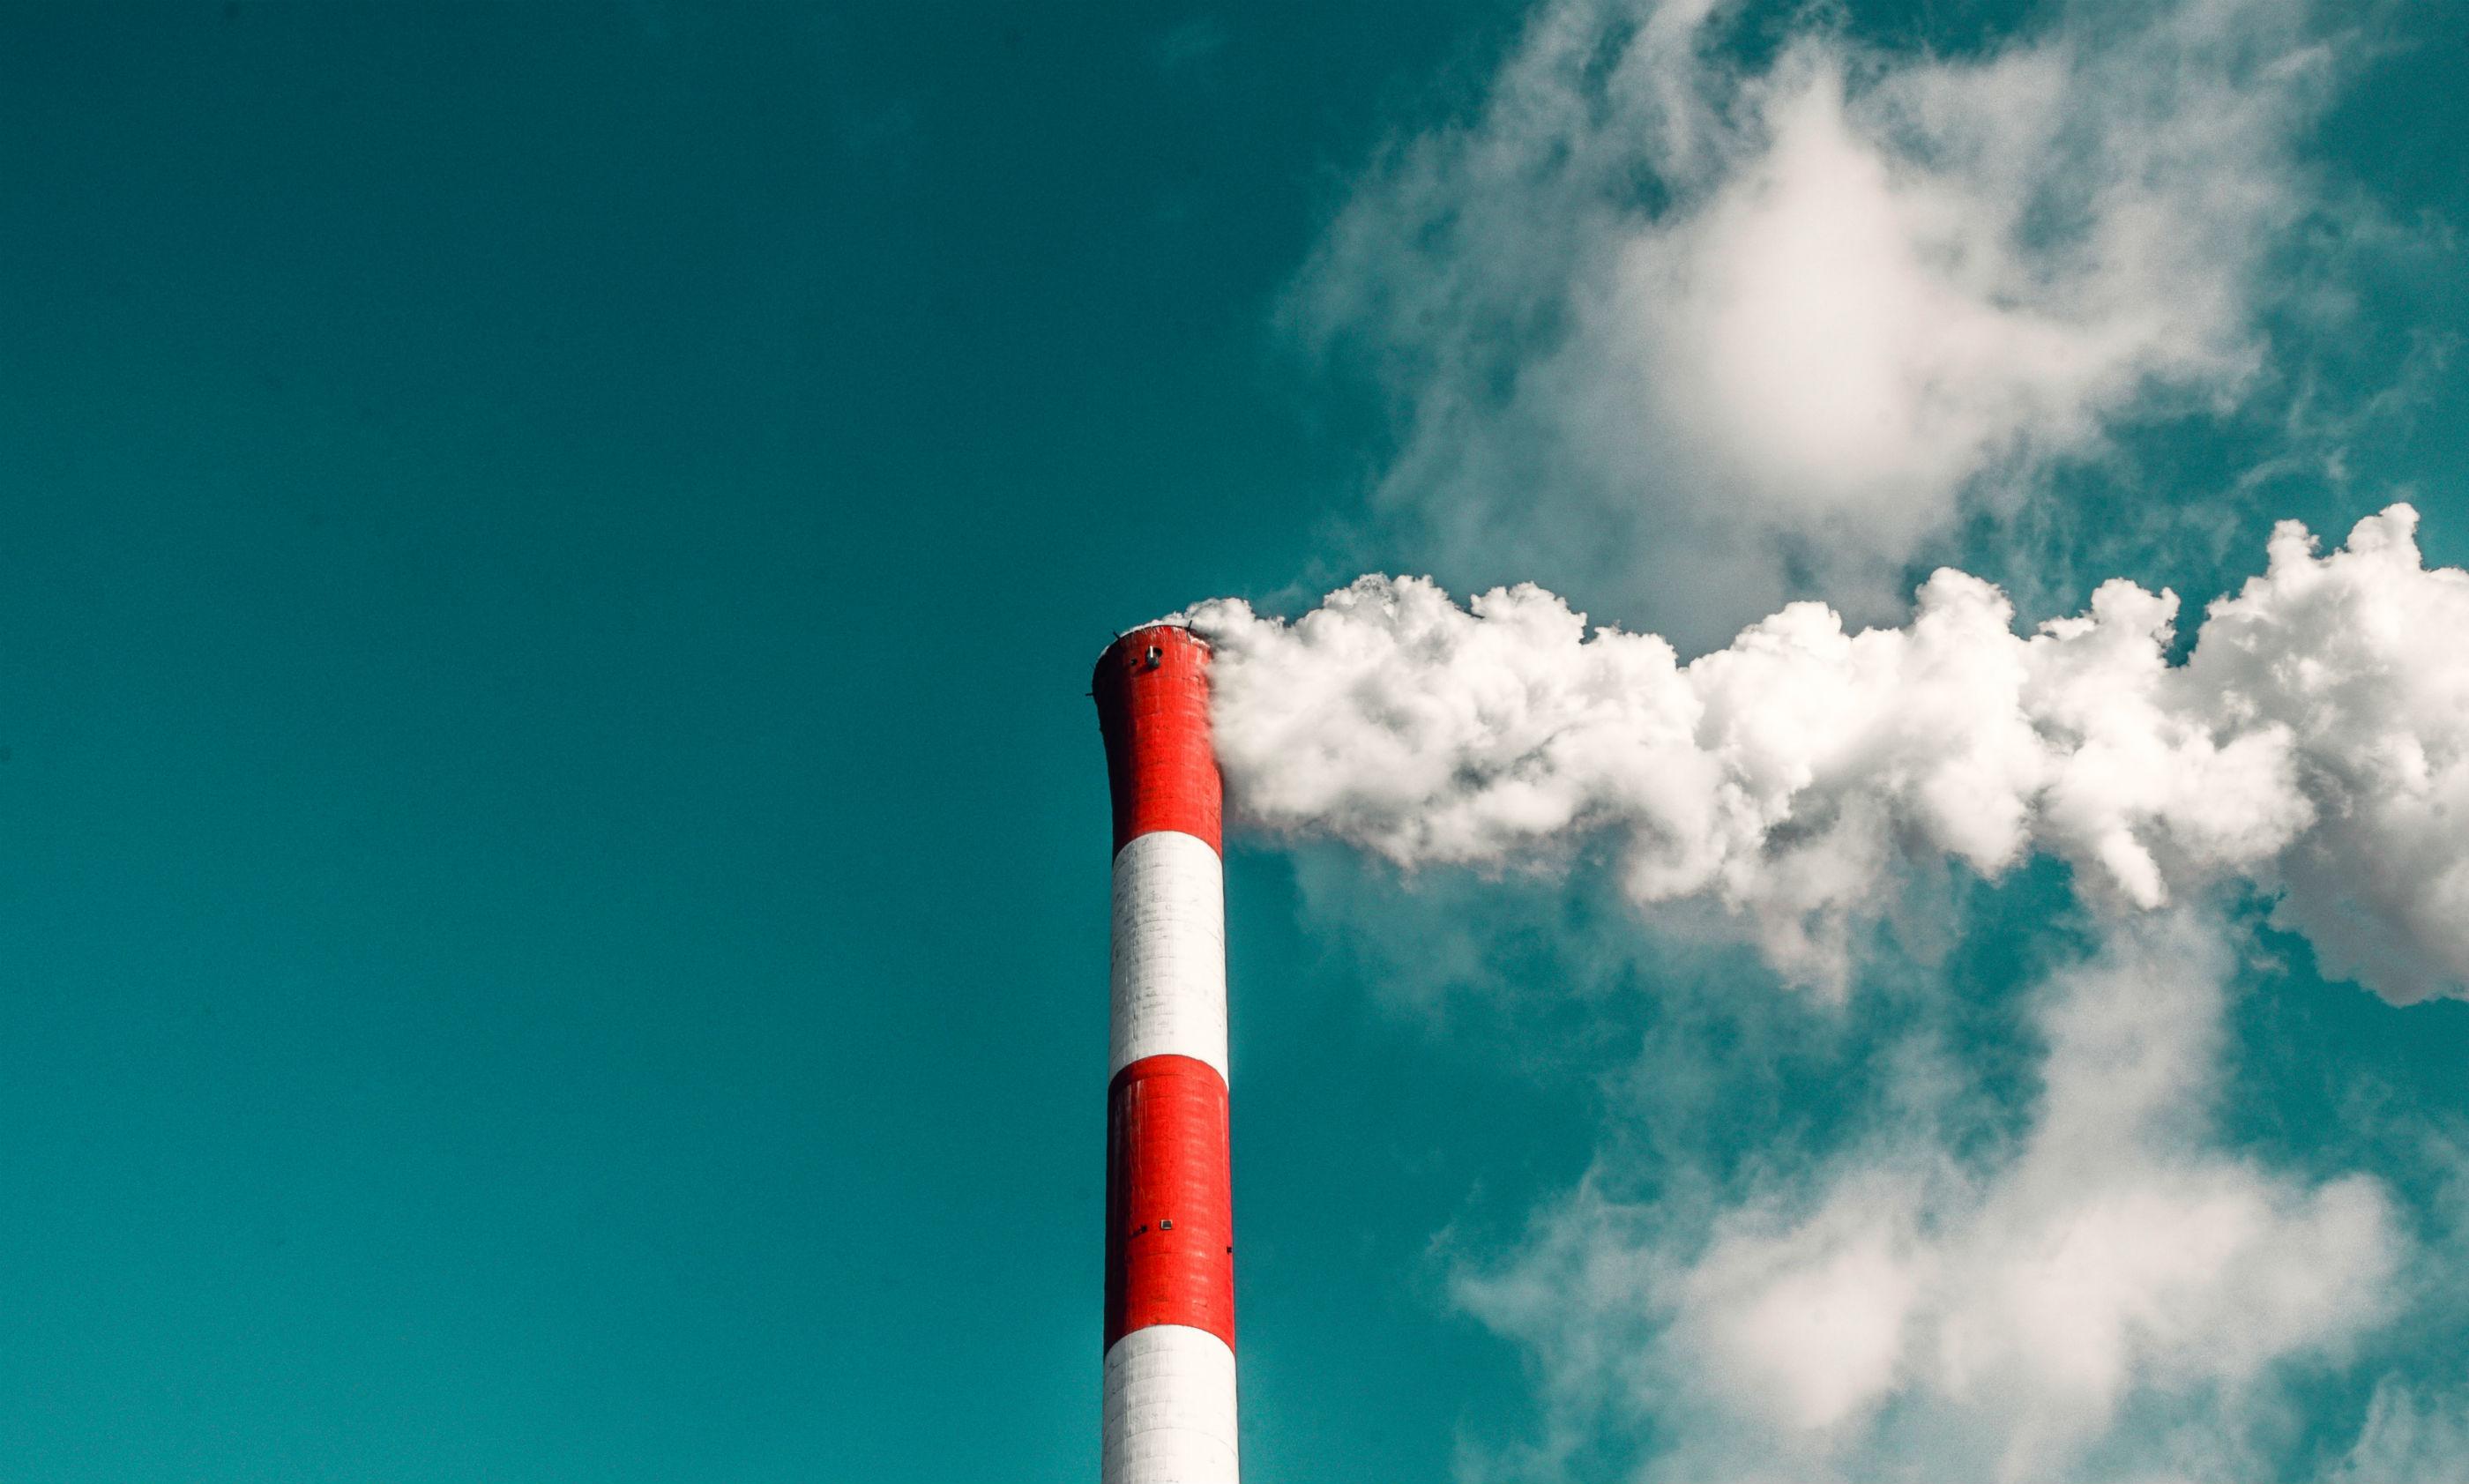 <b>英媒:如果不阻止气候变化 人类文明或在2050前崩溃</b>